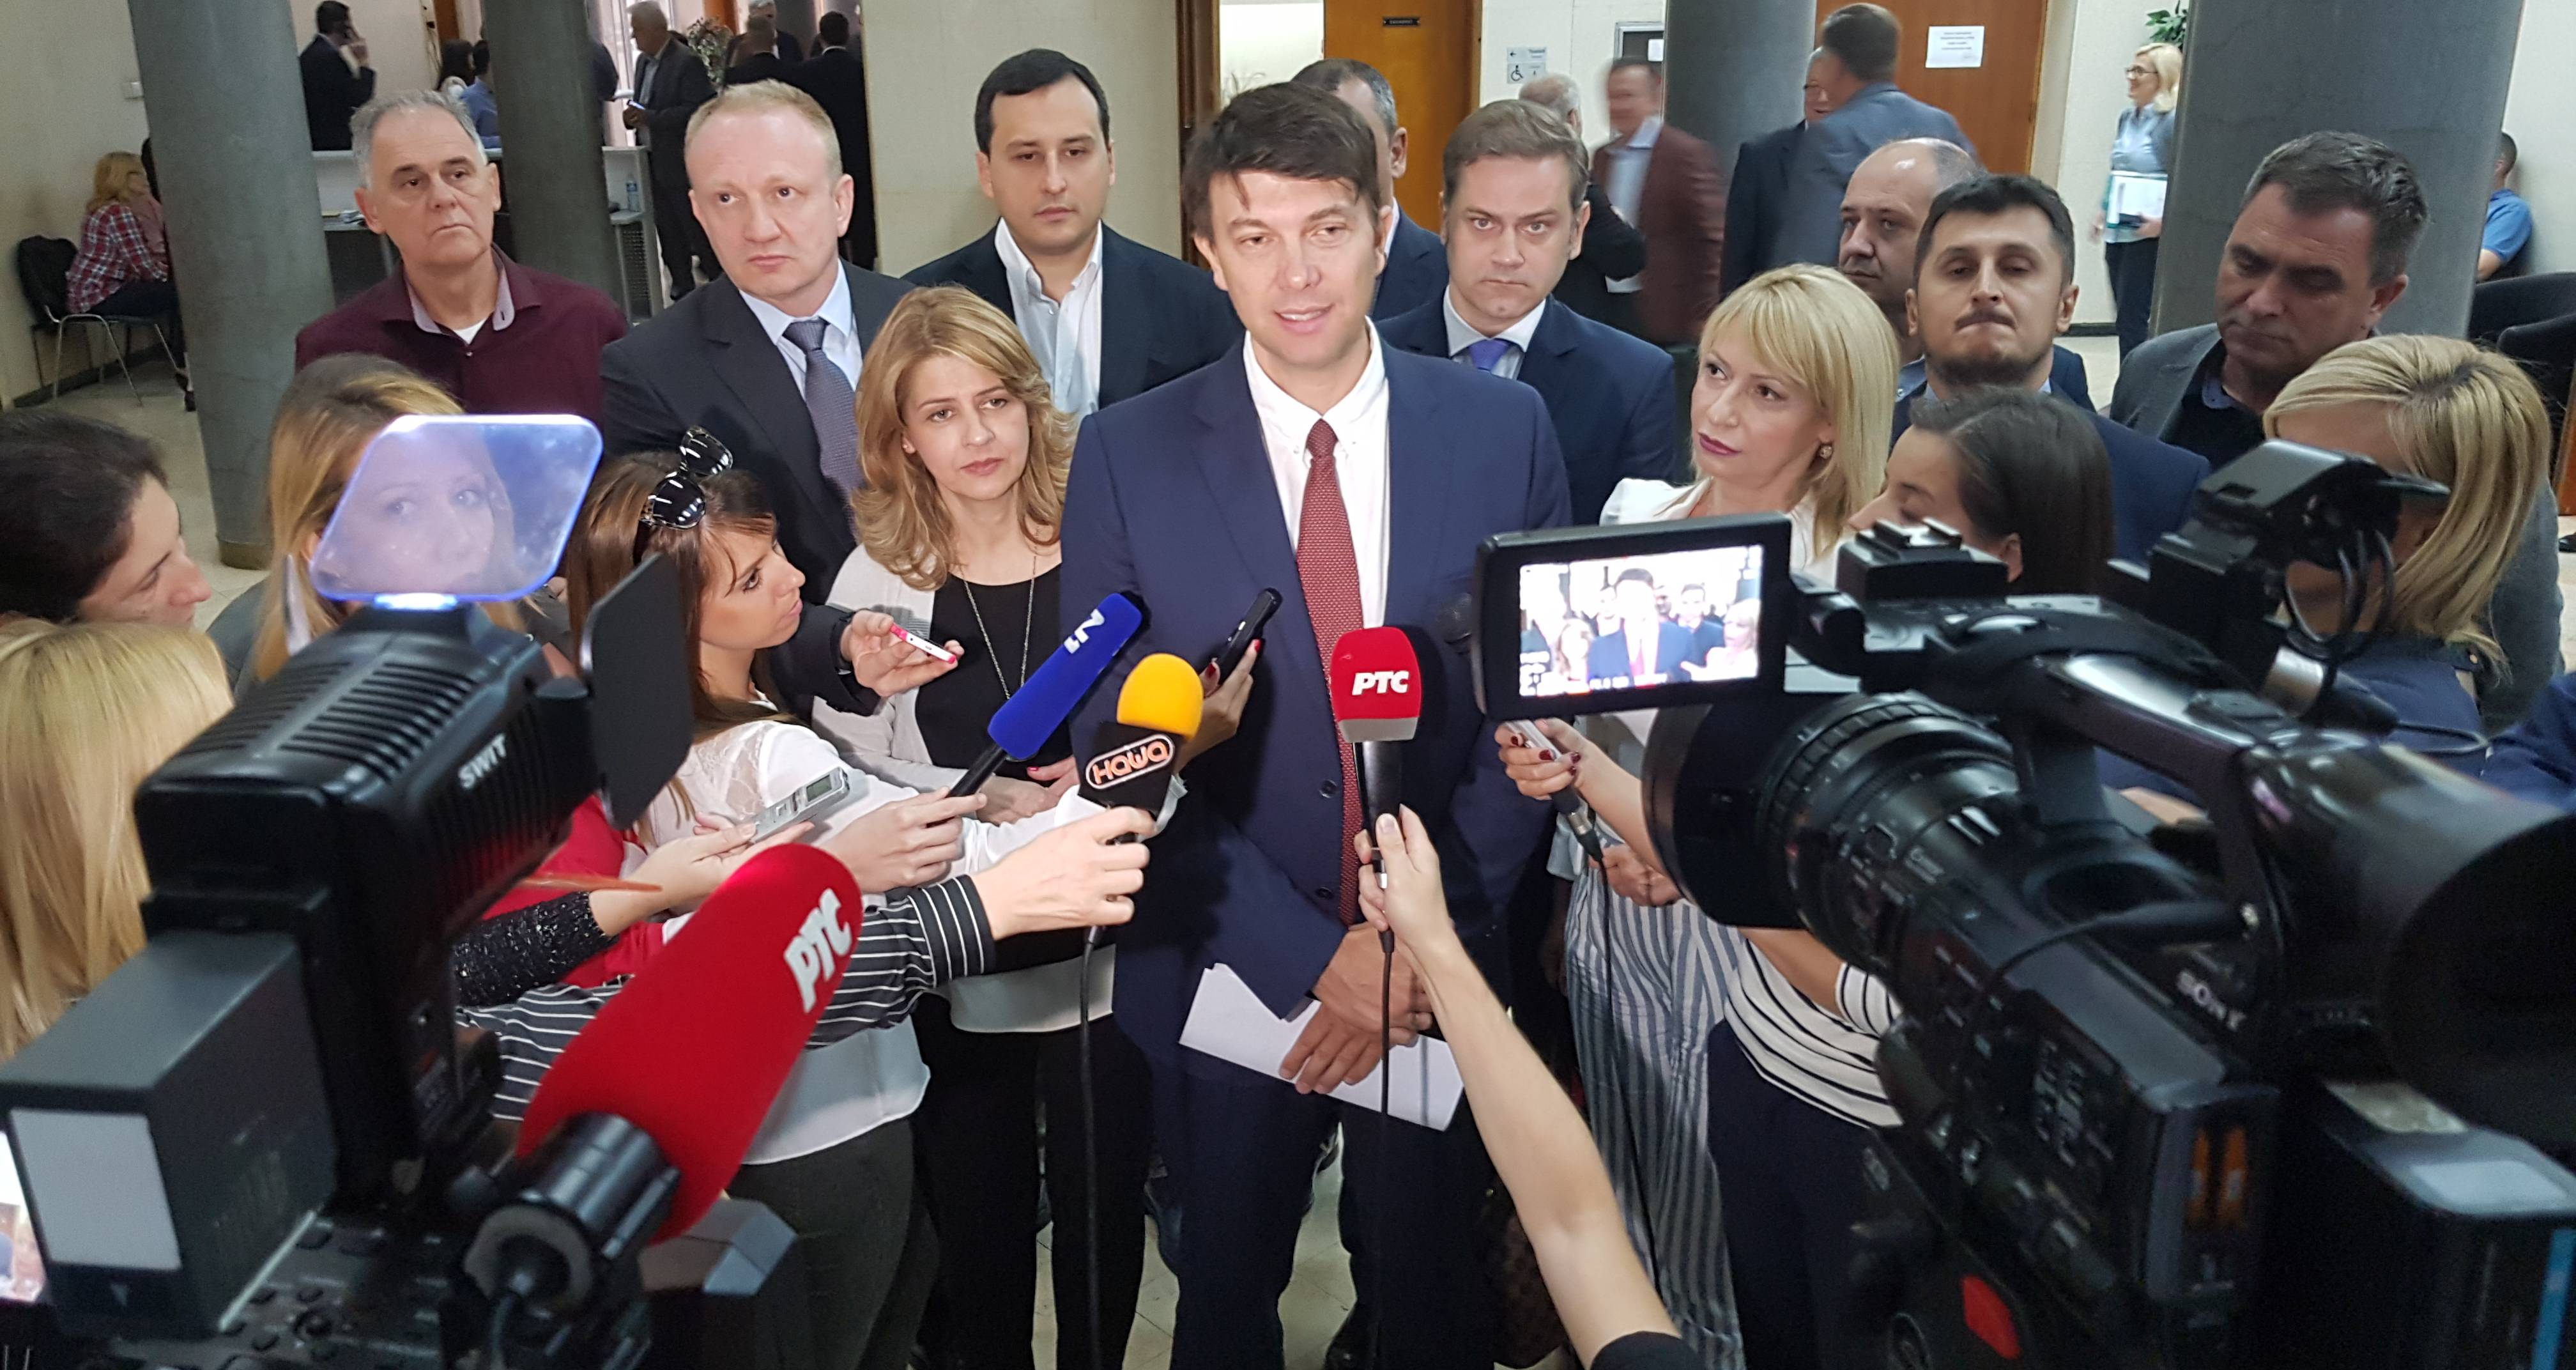 Јовановић: Хитно зауставити иживљавање над Београђанима, за 420 дана изграђен је Сава центар